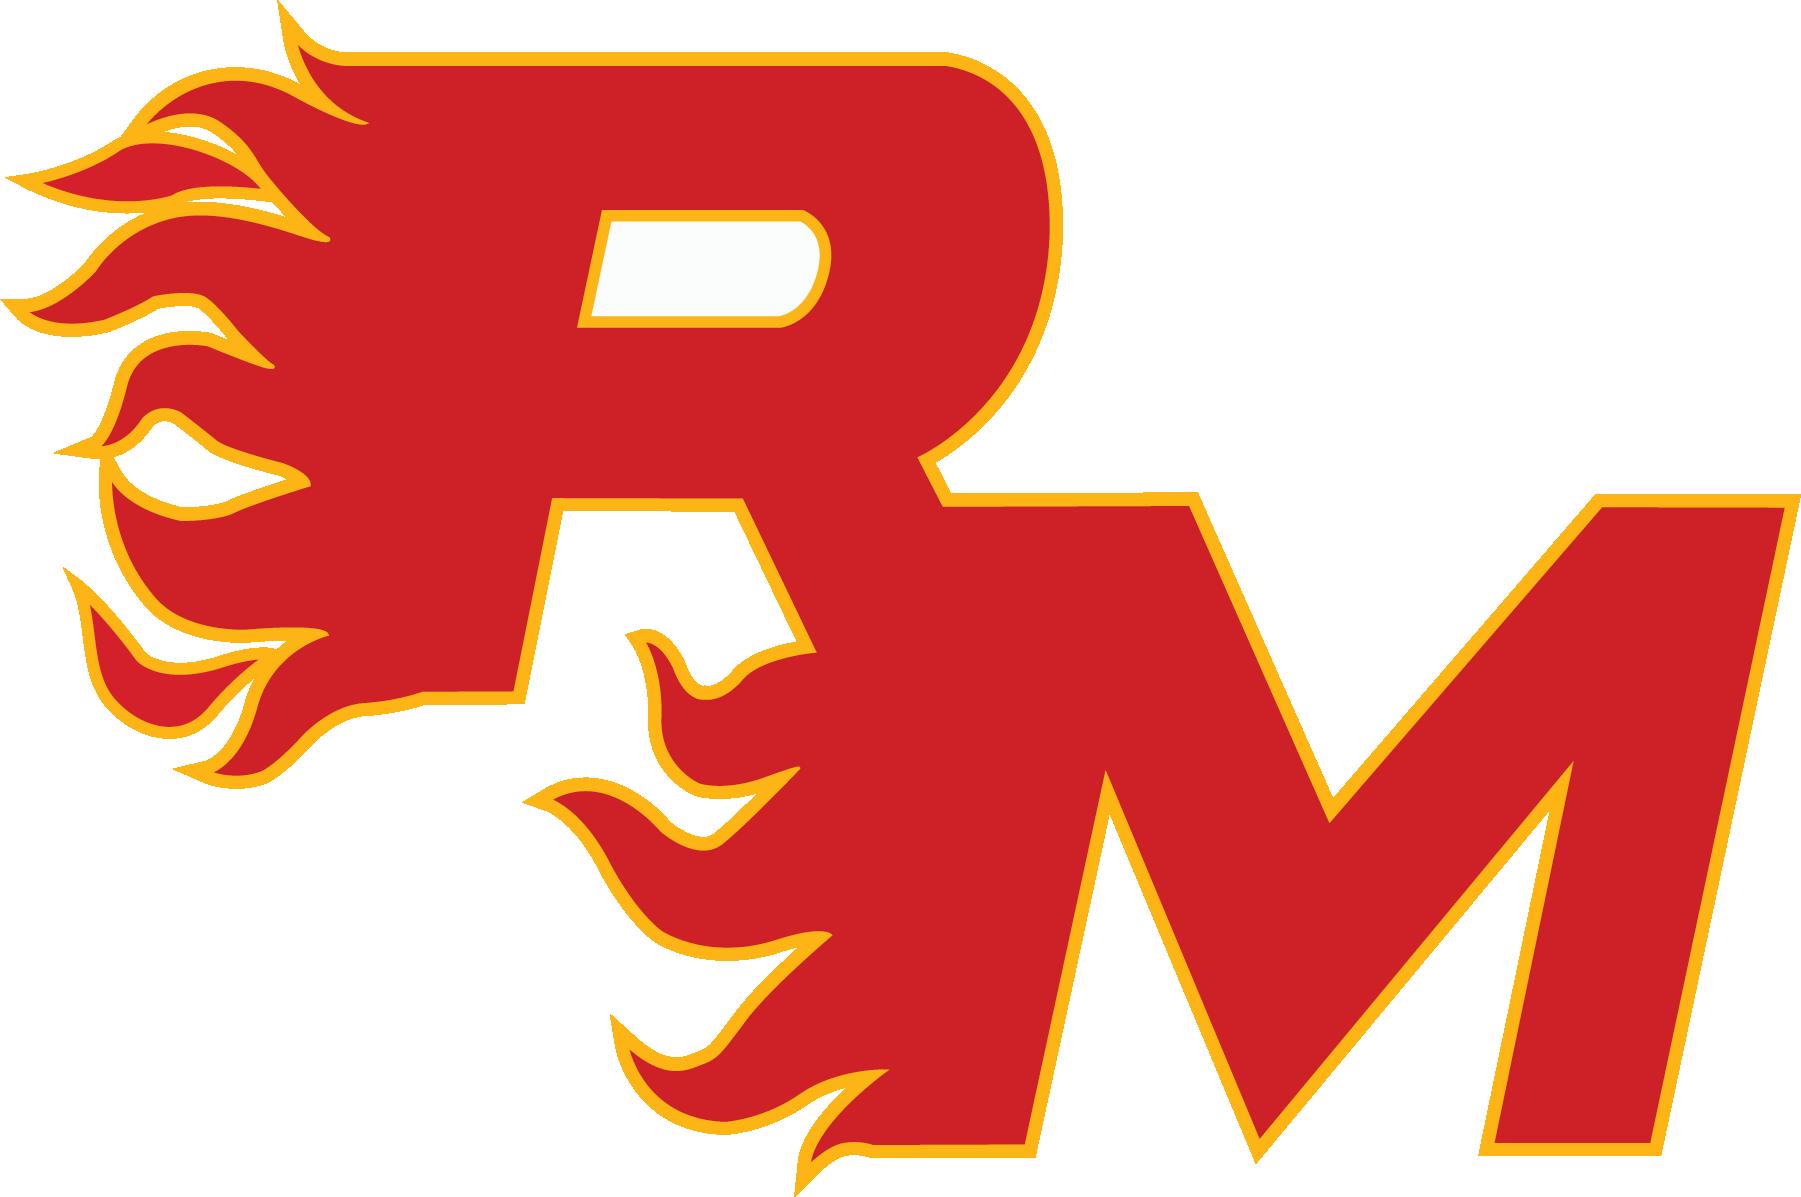 2011 Ridge Meadows Jr Flames